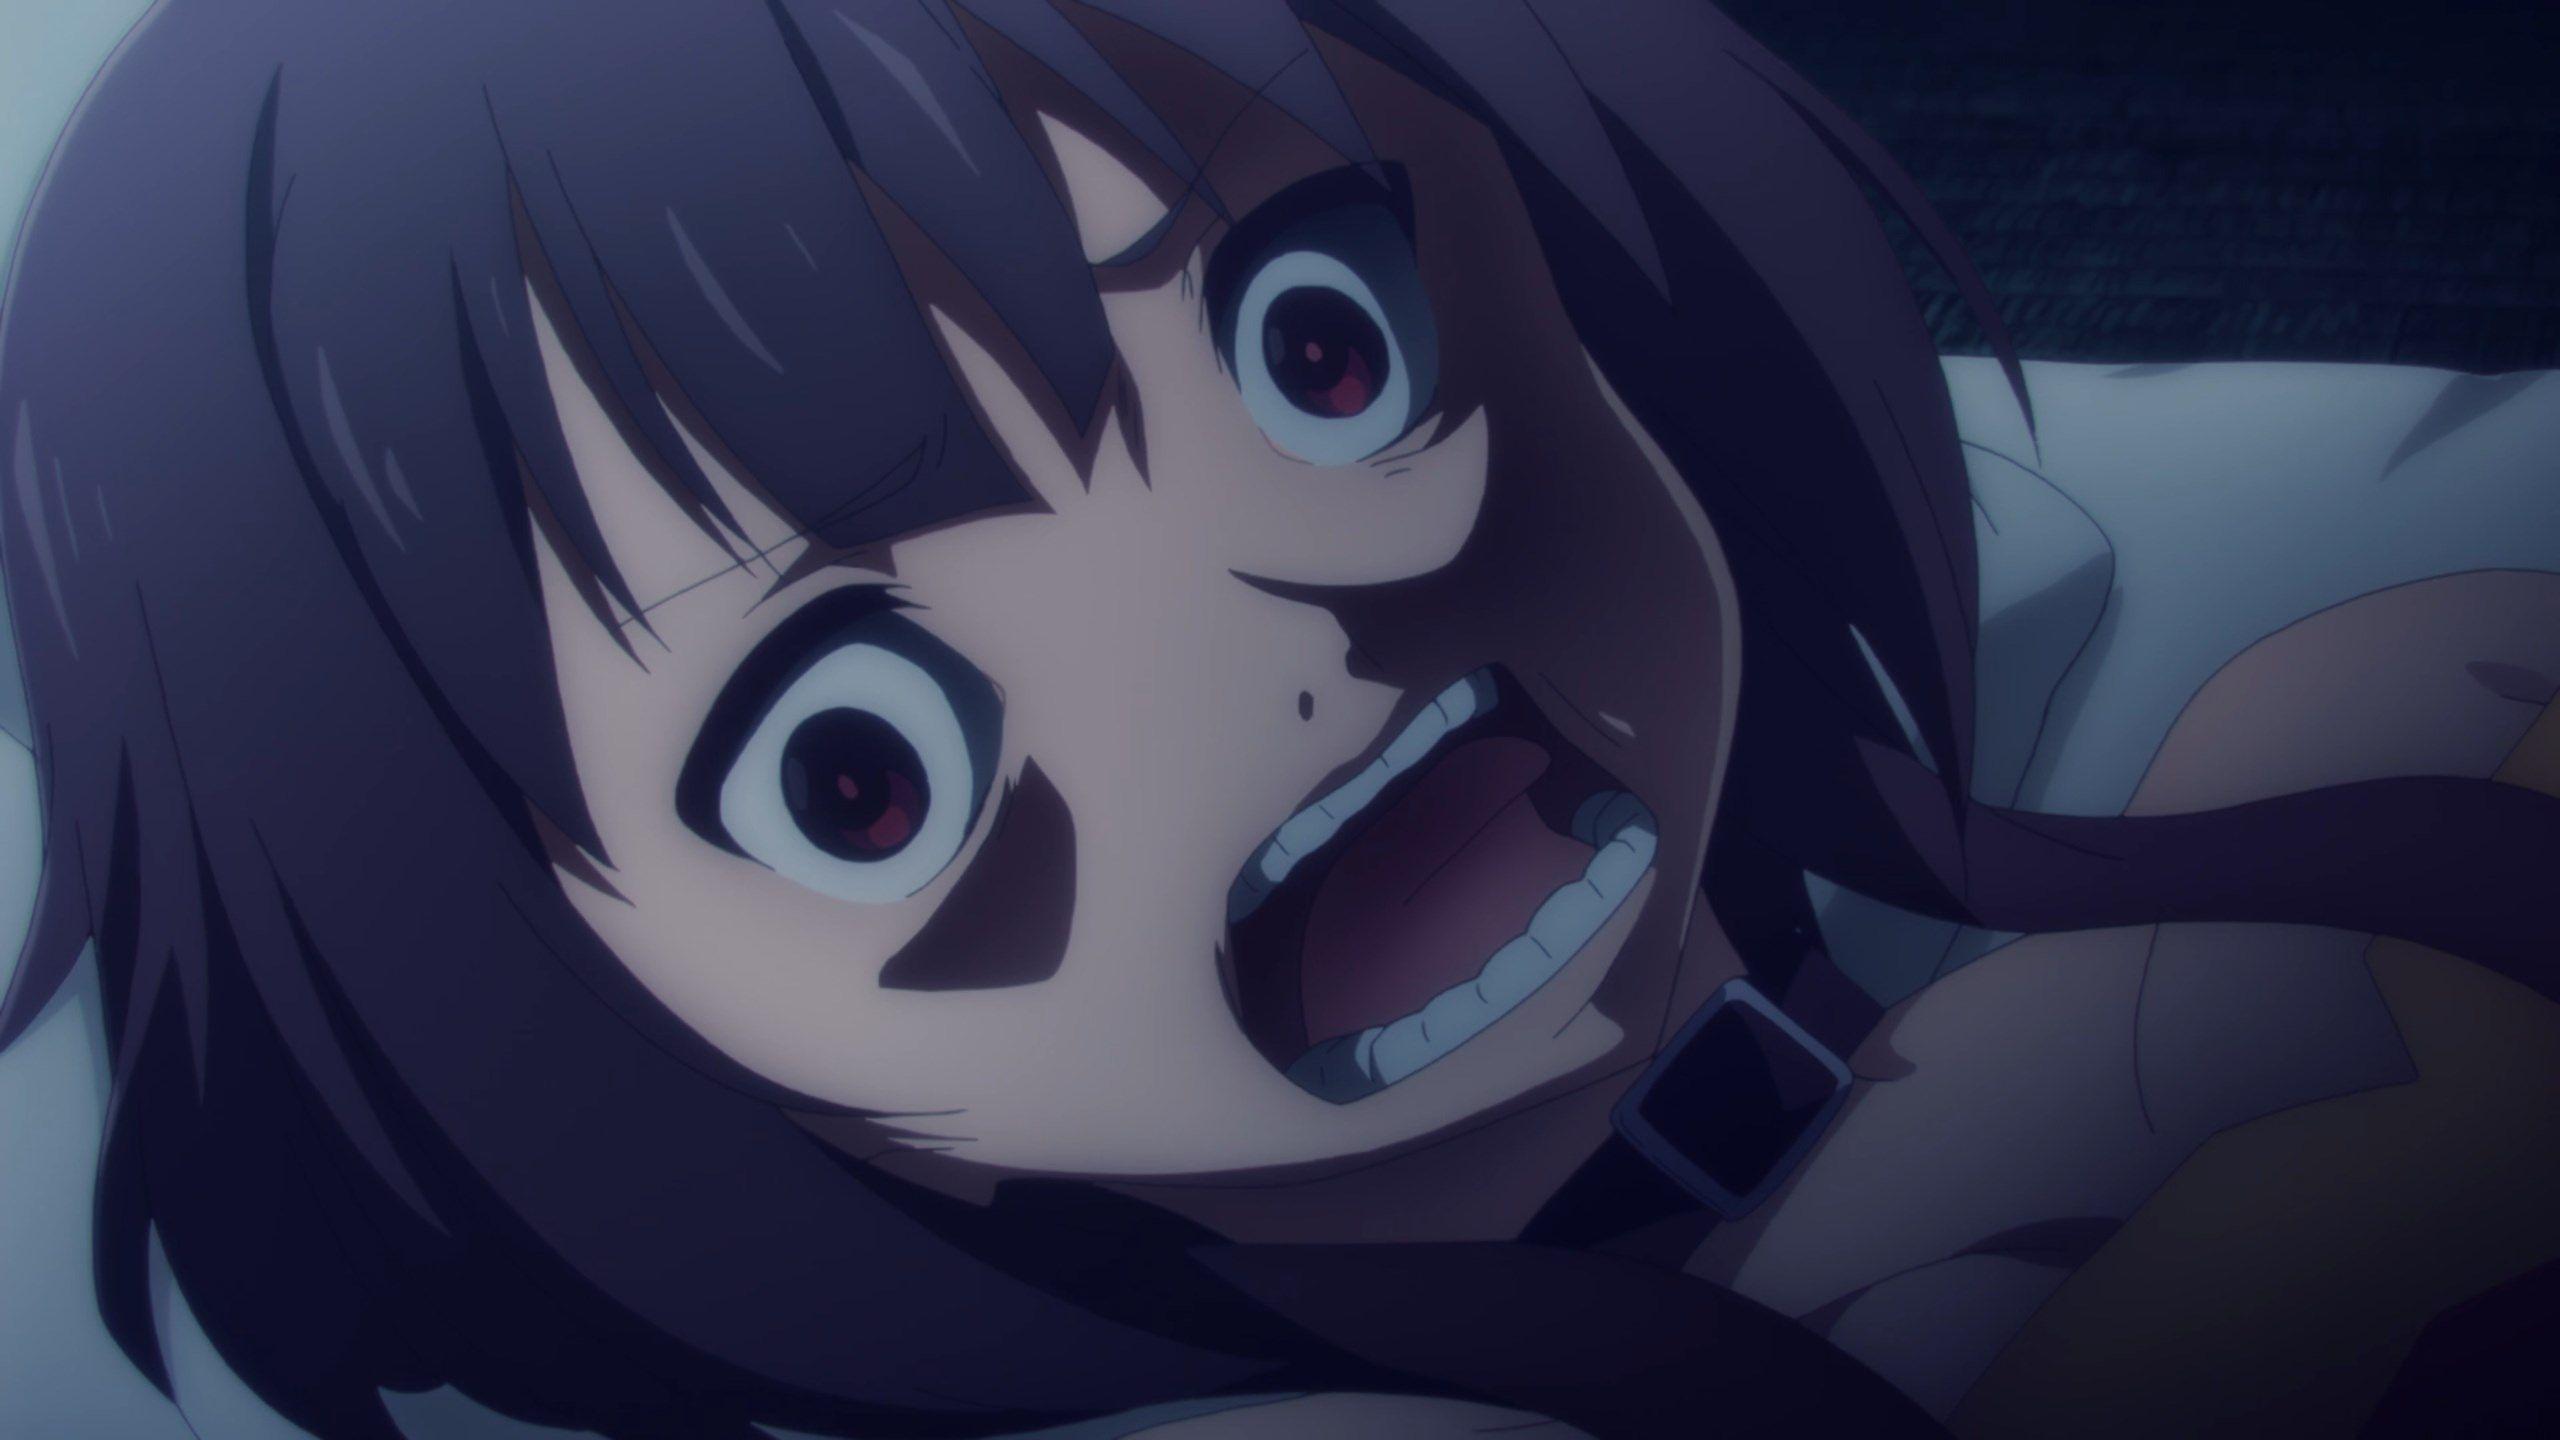 Pin By Victor Hugo Flores On Konosuba Anime Expressions Anime Anime Funny